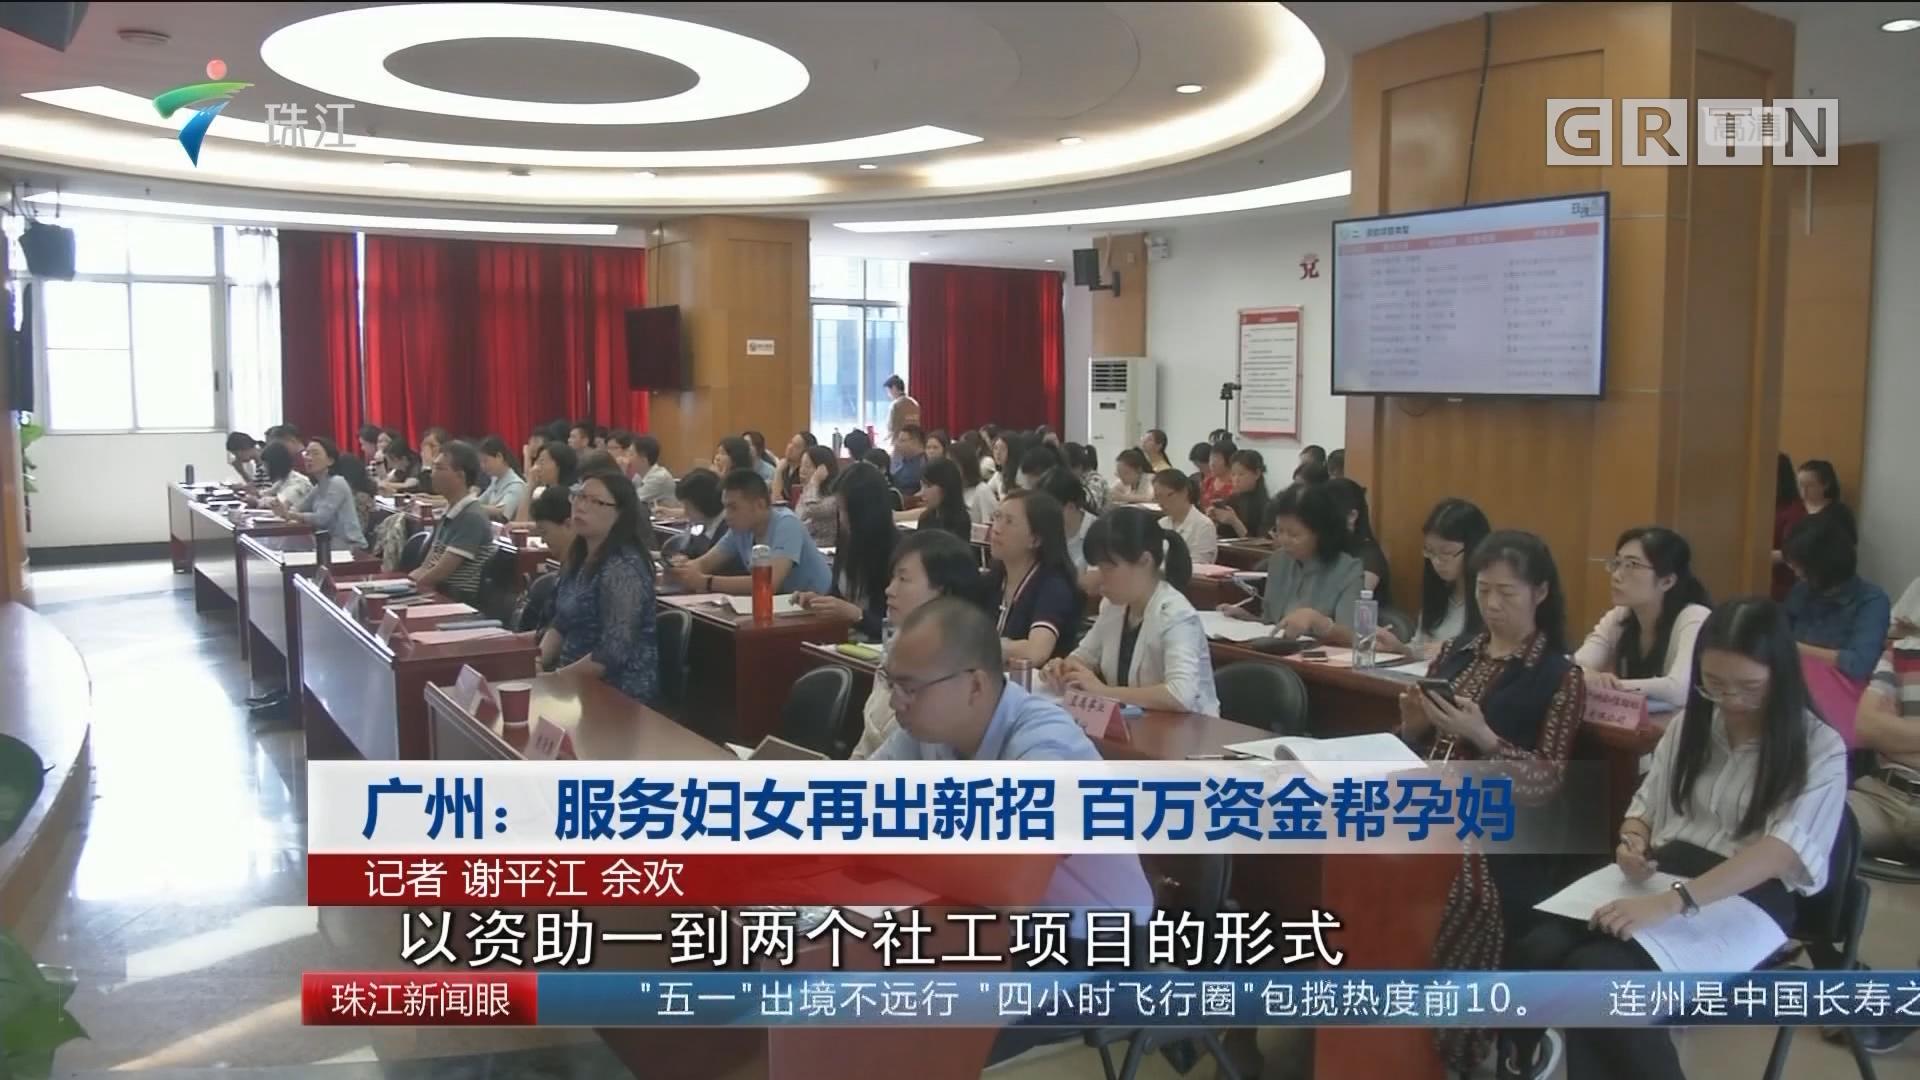 广州:服务妇女再出新招 百万资金帮孕妈